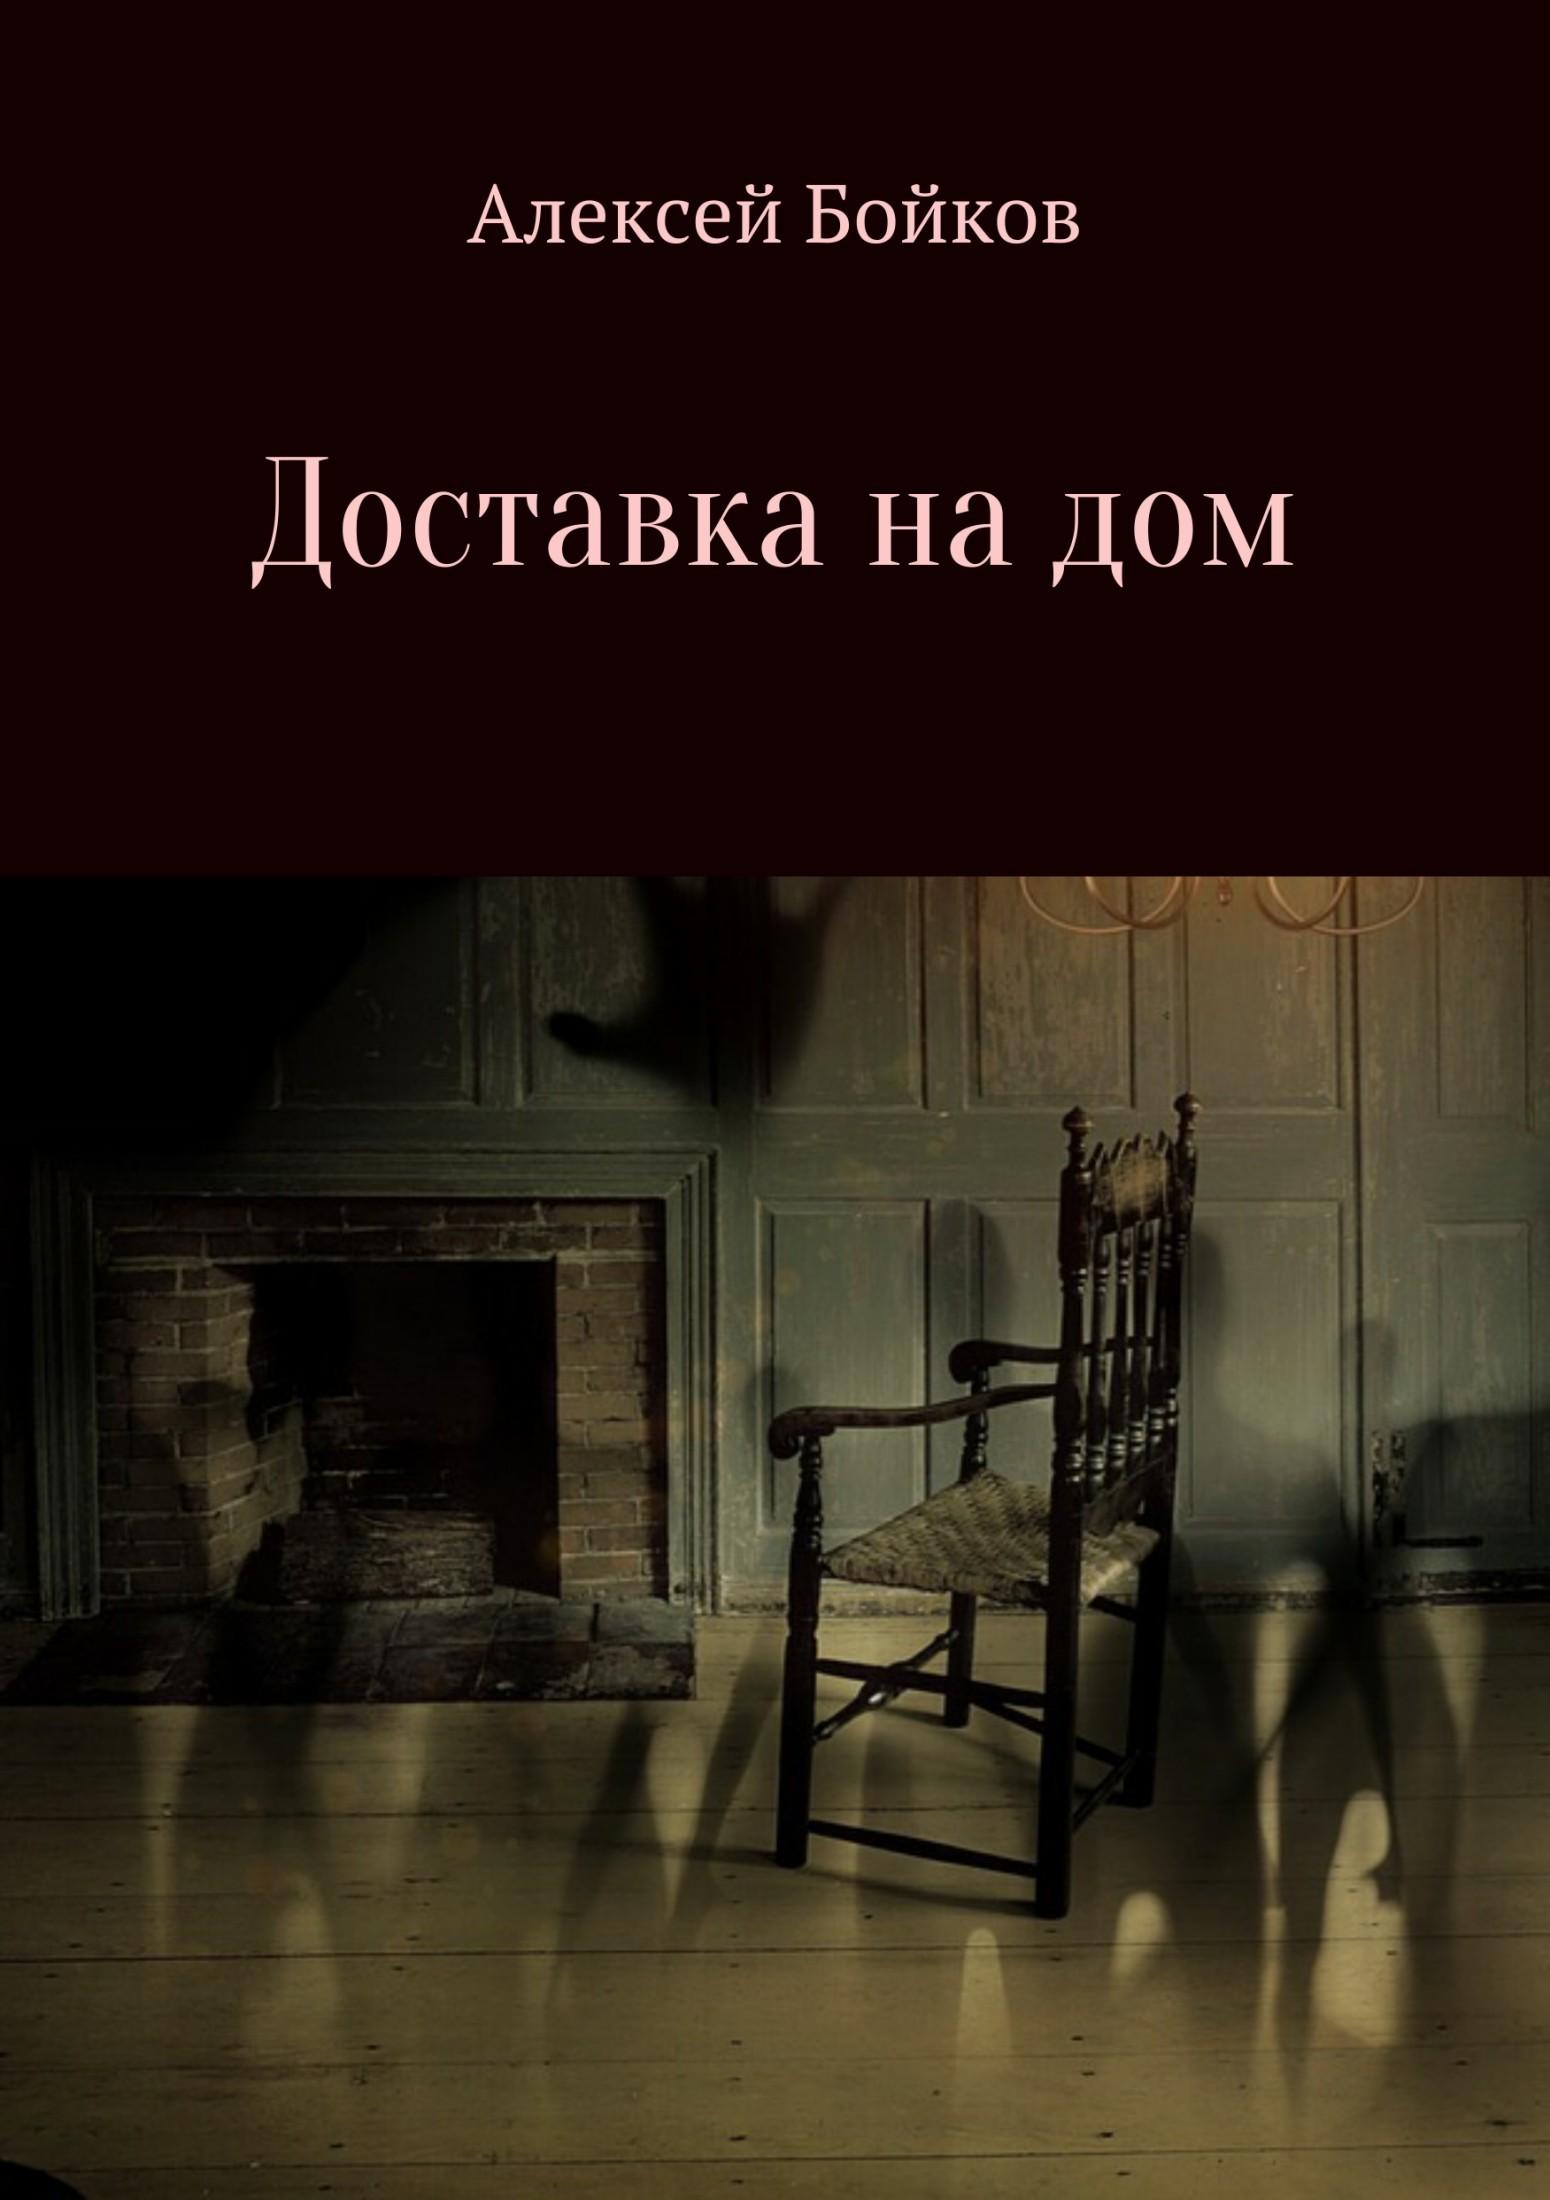 Алексей Владимирович Бойков бесплатно